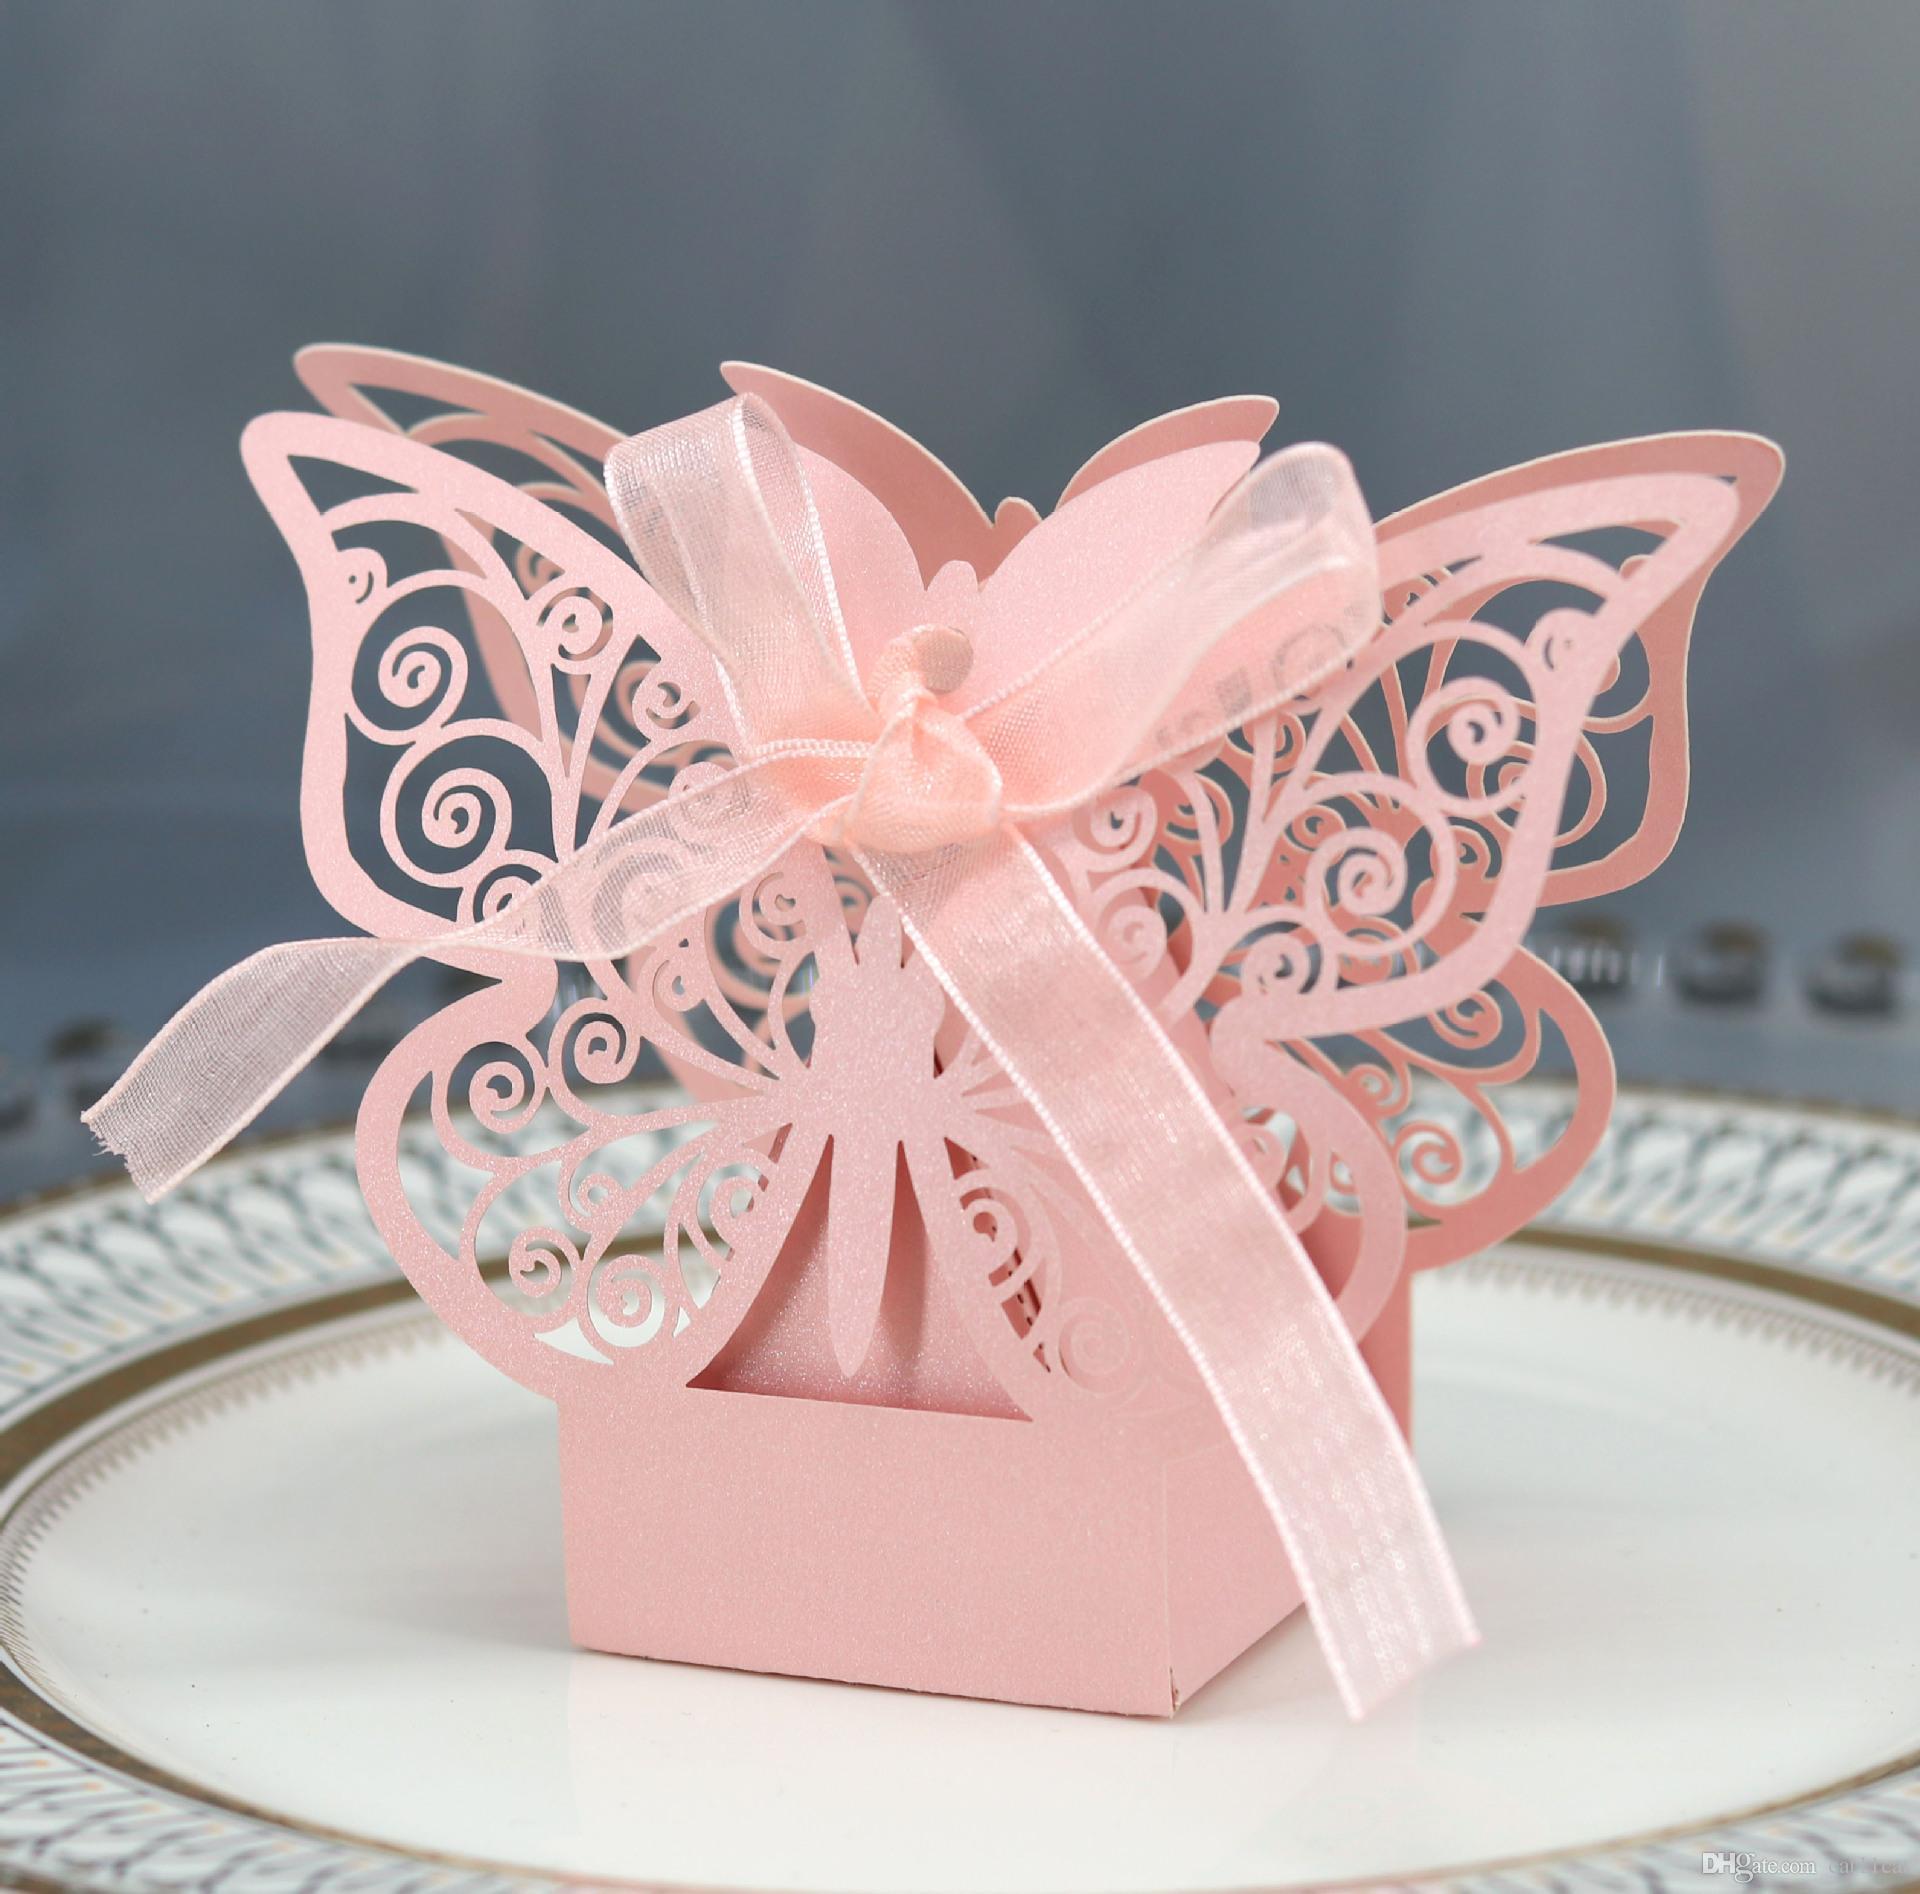 Свадебные подарочные коробки сумки полые бабочка коробка конфет для крещения день рождения первое причастие крестины праздничные атрибуты